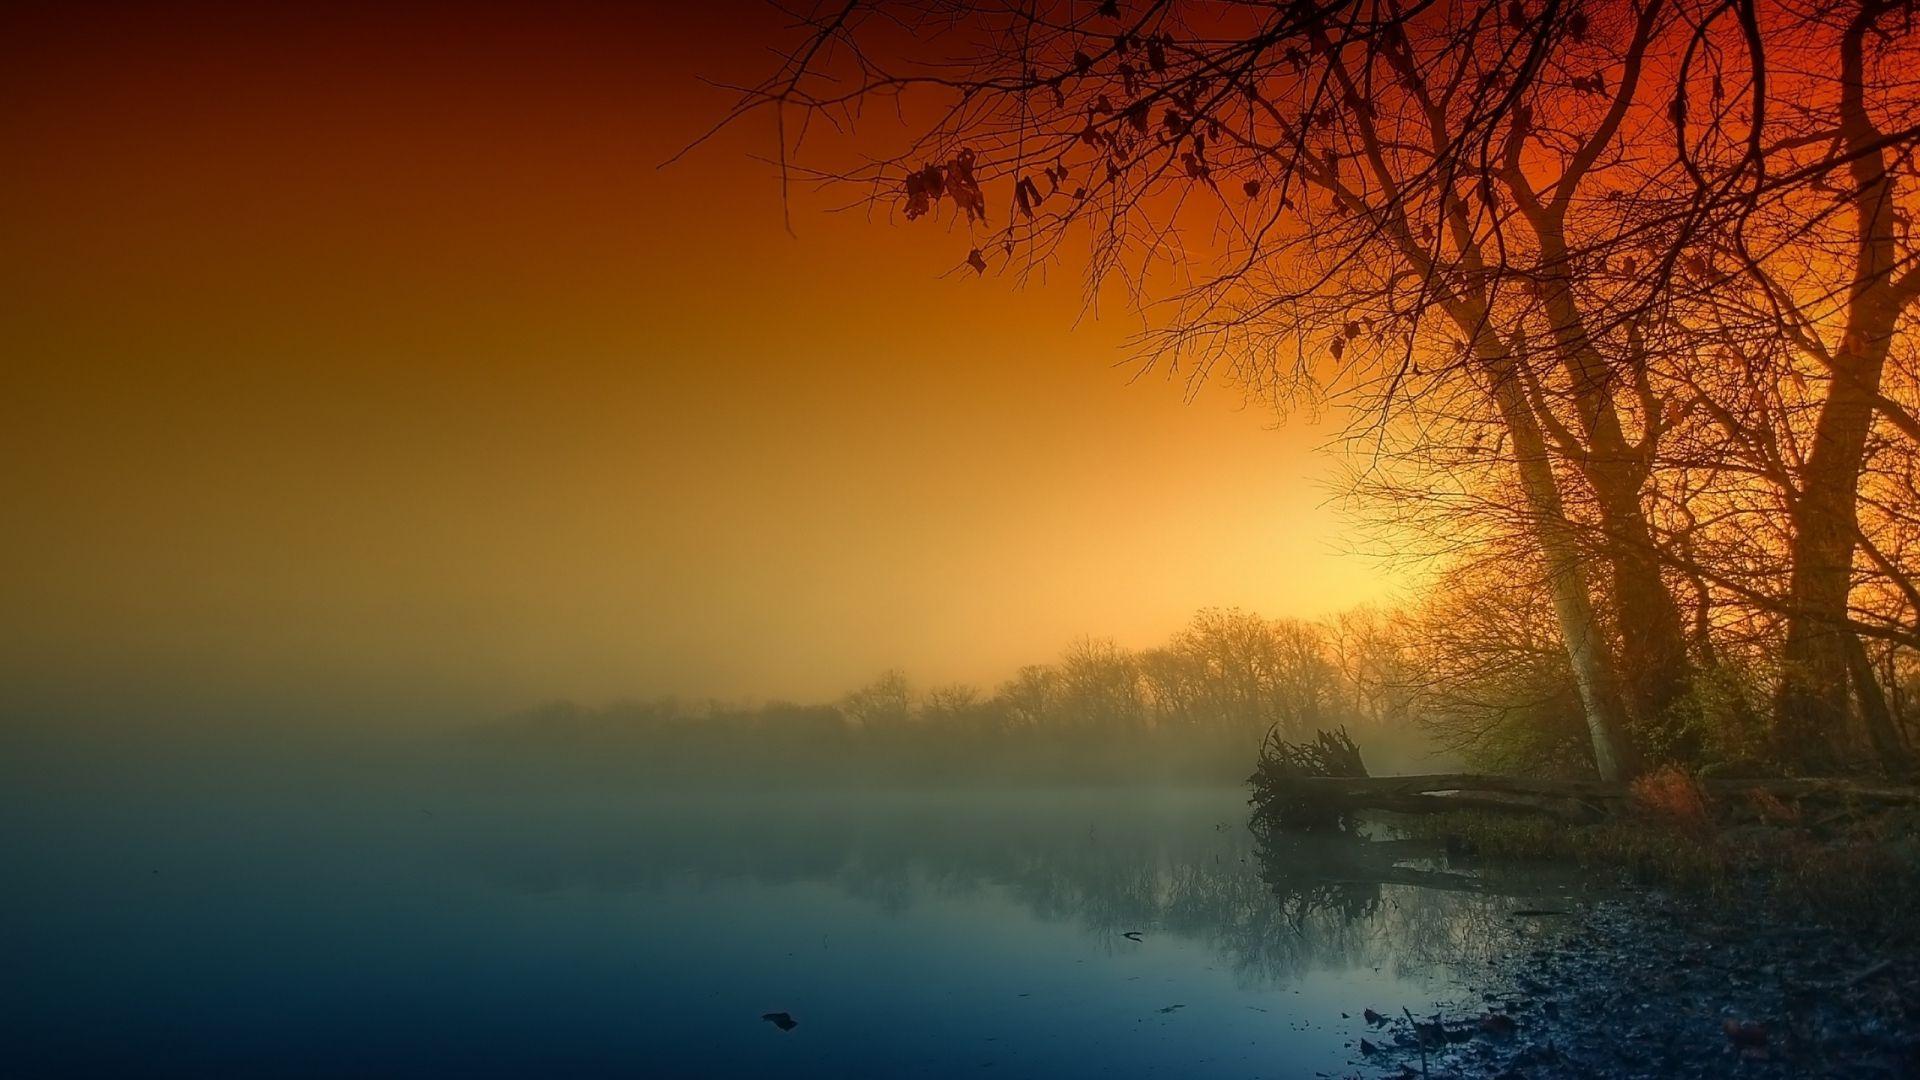 sonnenuntergang mit nebel und - photo #40